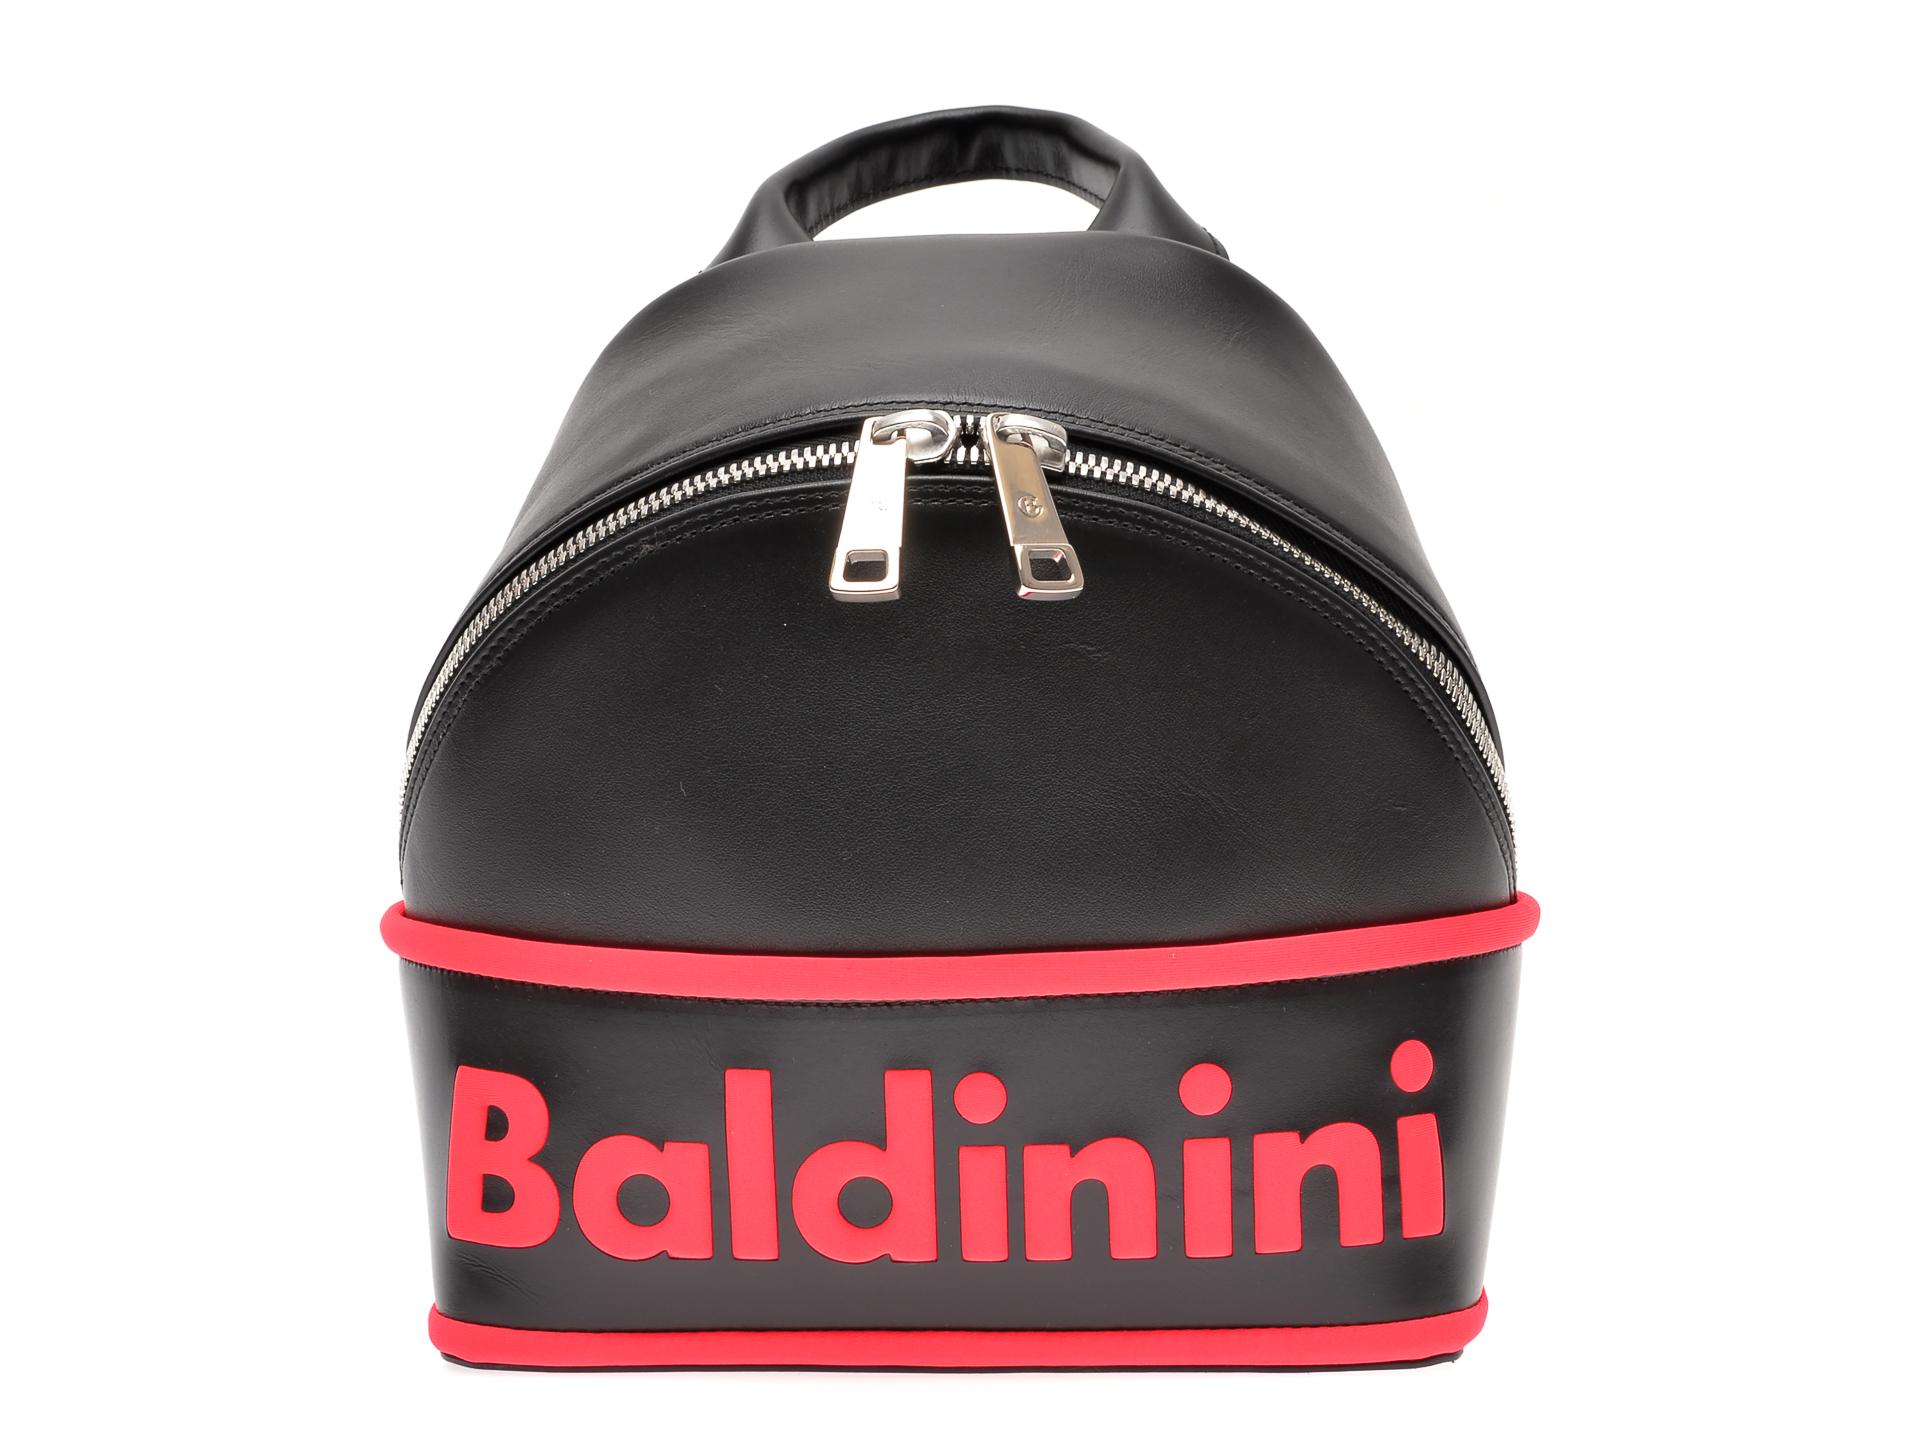 Rucsac BALDININI negru, 070119, din piele naturala